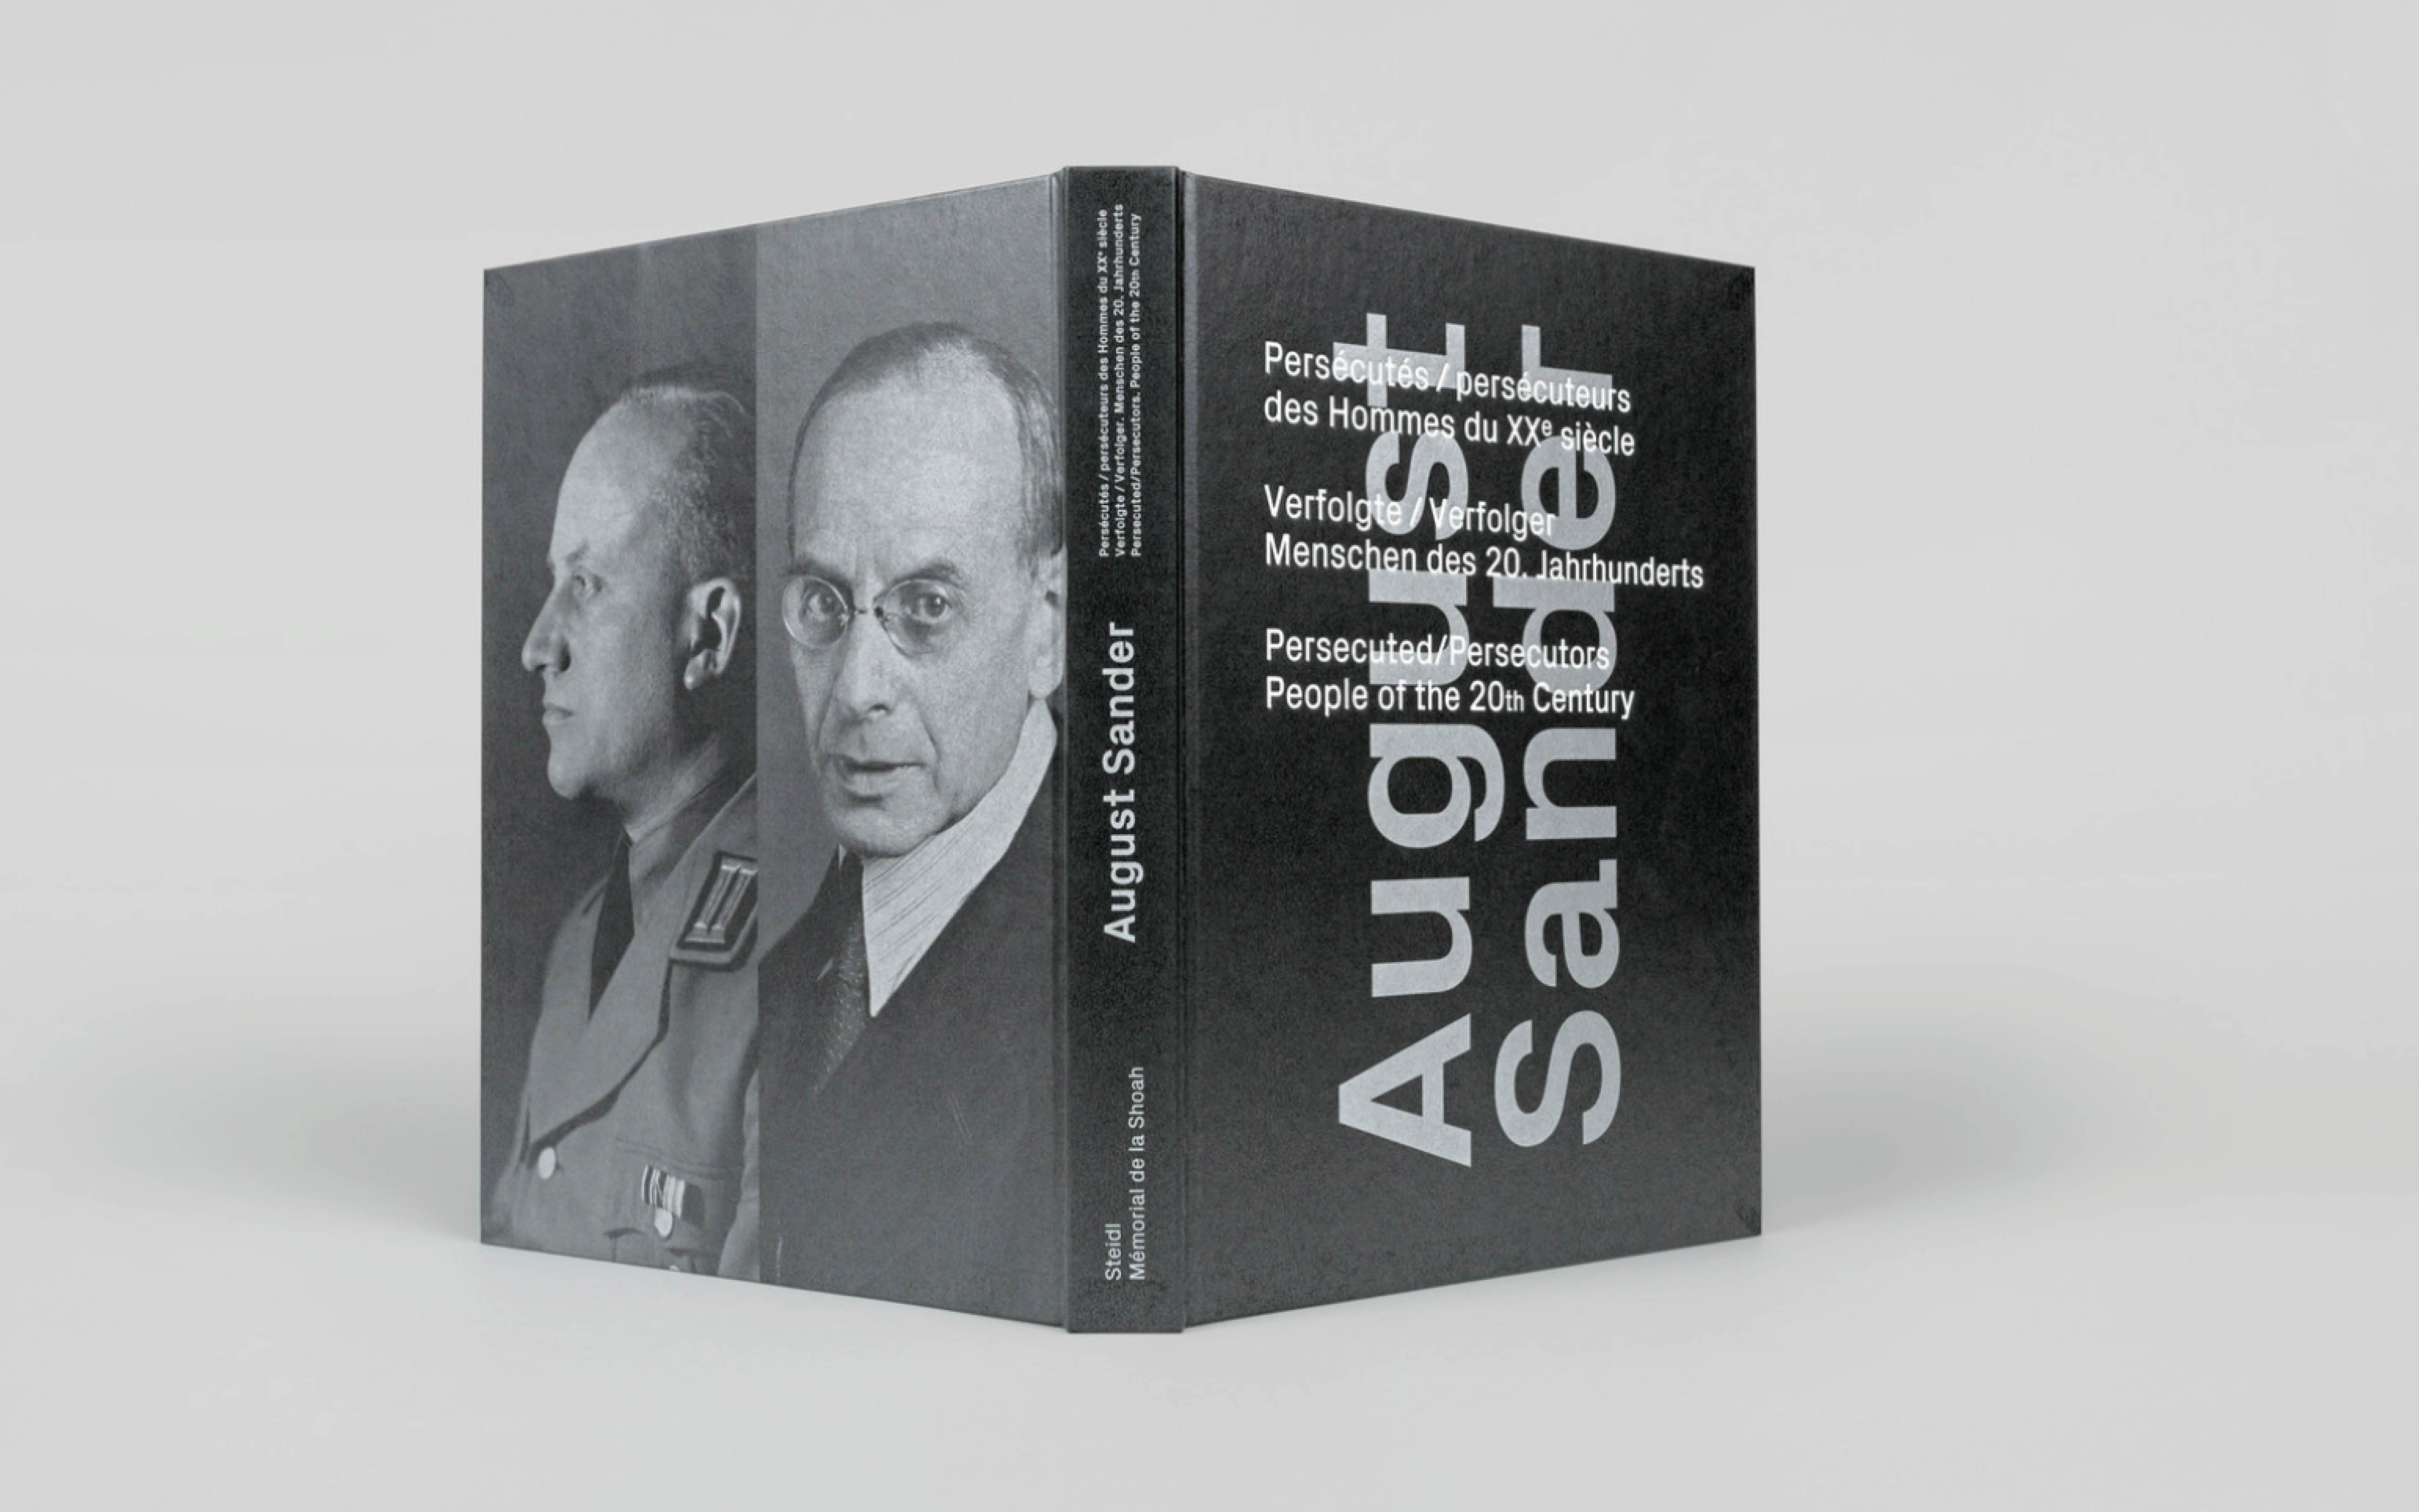 Omslag boek August Sander. Vormgegeven door Beukers Scholma. De Monsterkamer - een interview met Beukers Scholma.